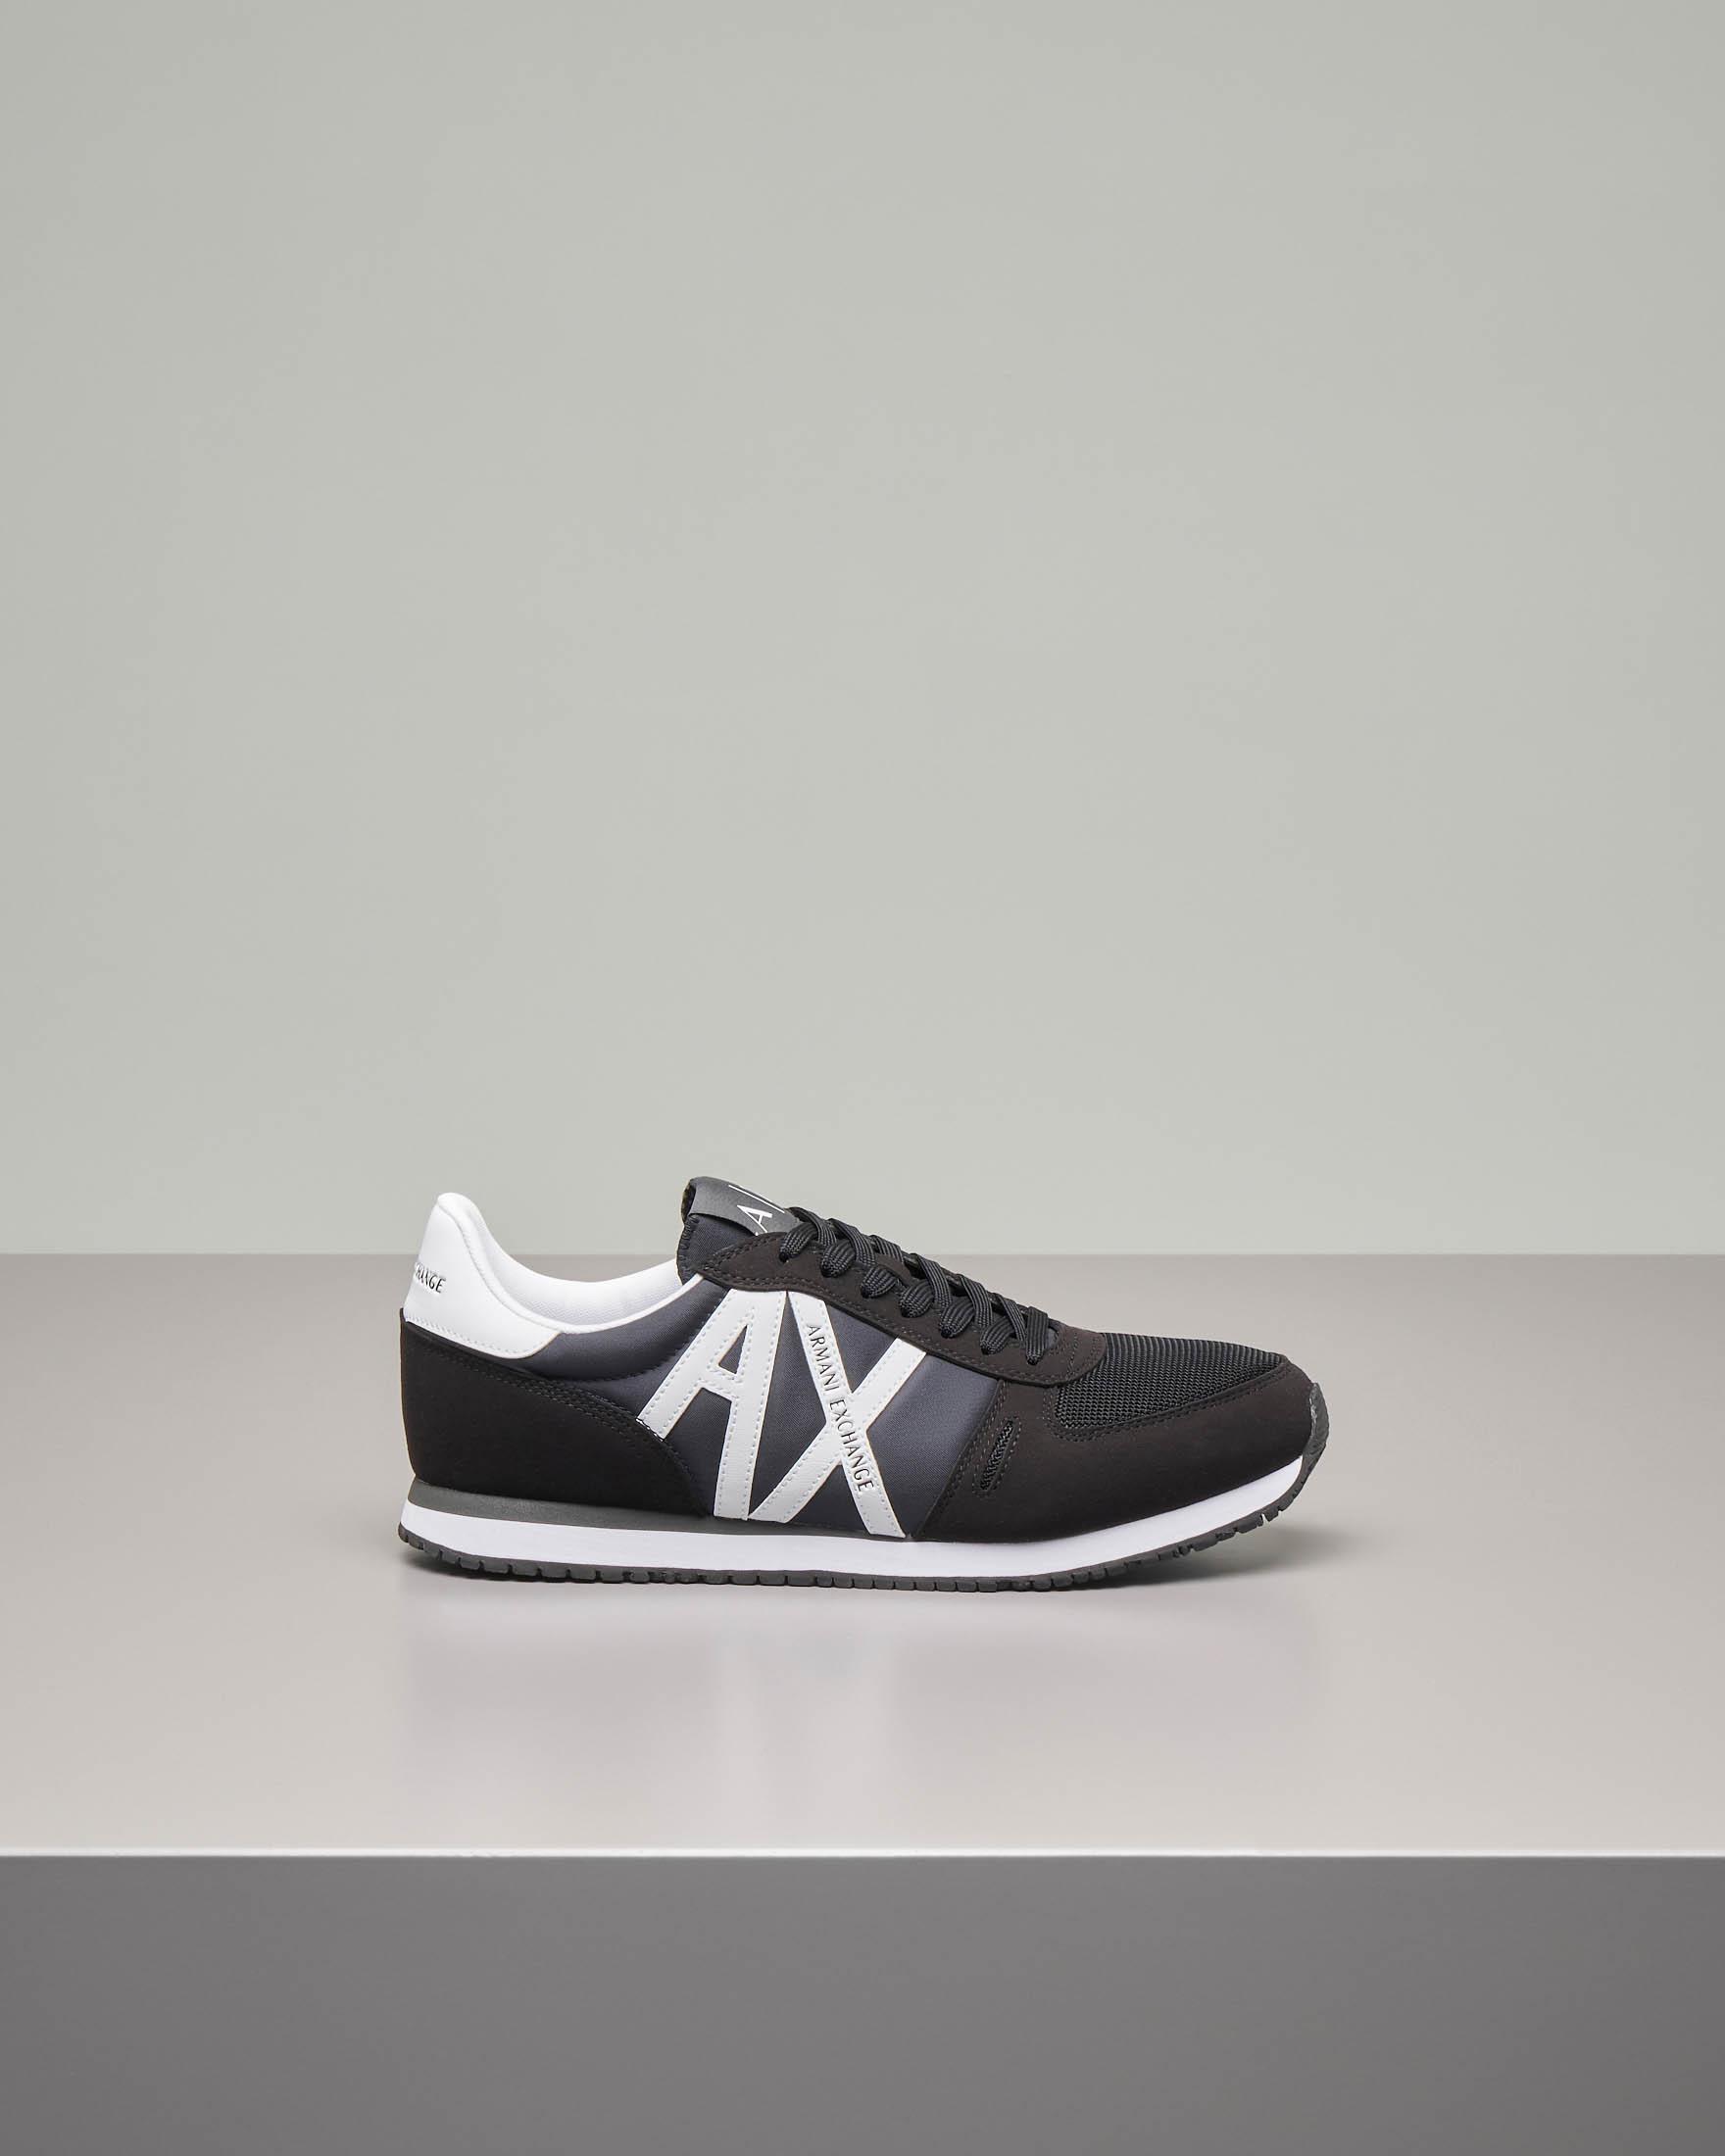 Sneakers nere con logo AX bianco